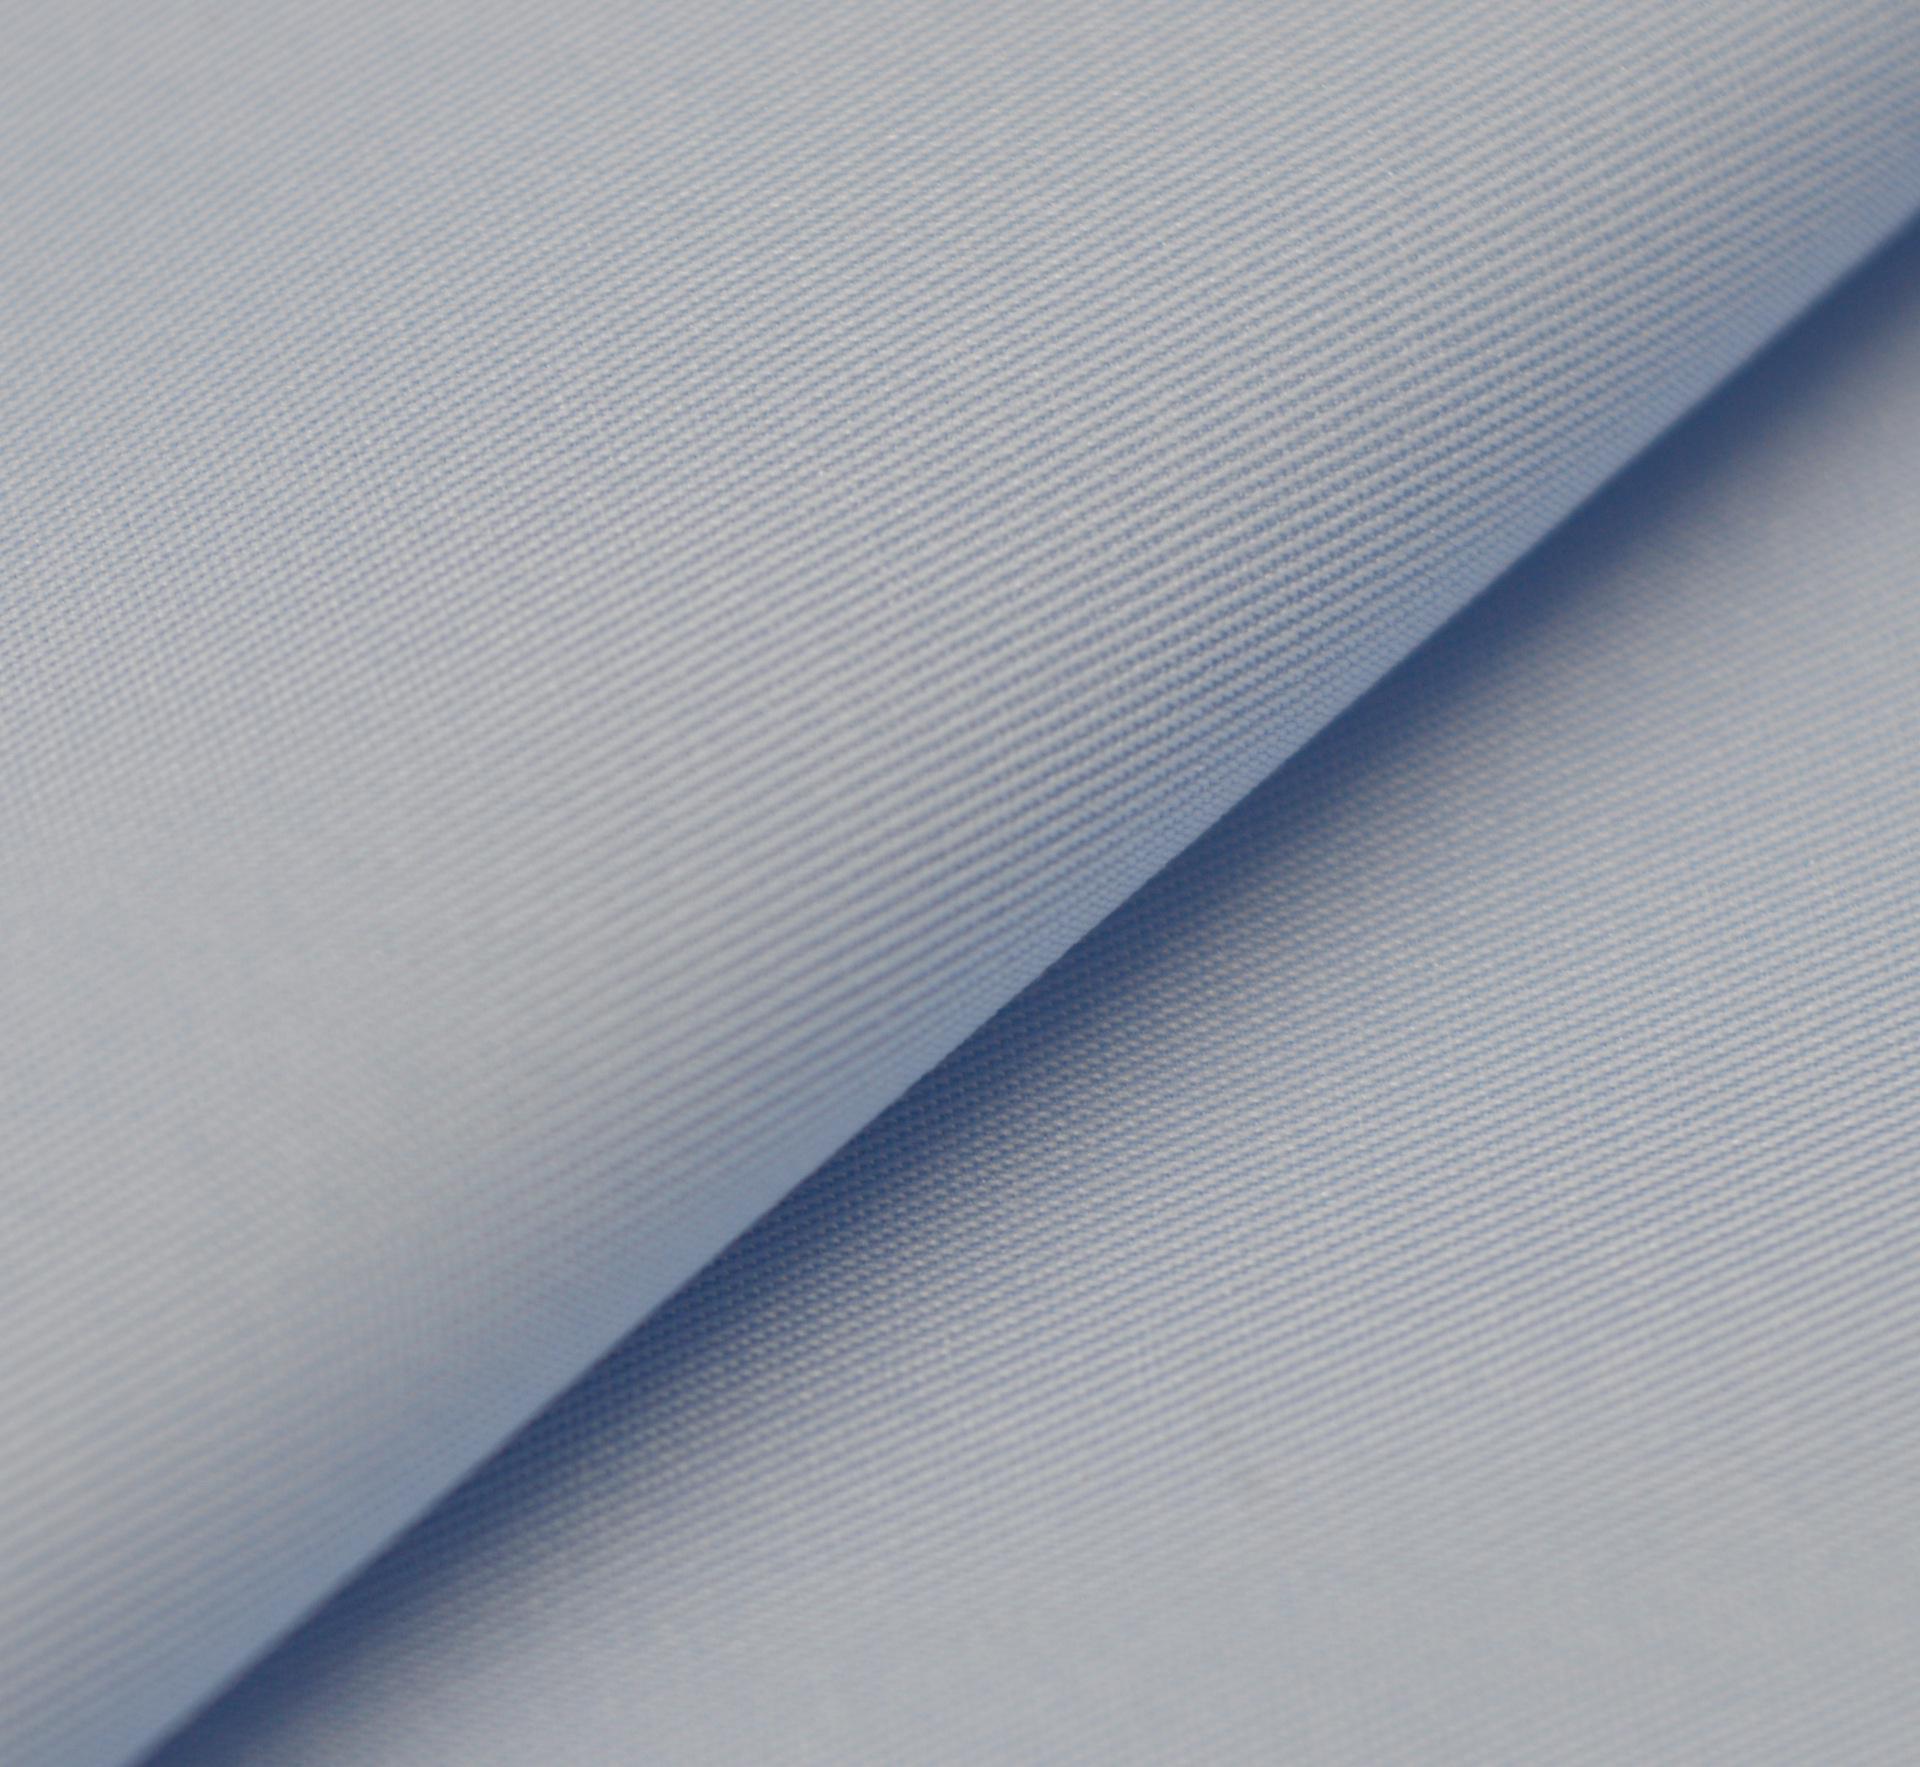 【聚酯纤维知识百科】聚酯纤维有哪些优缺点 怎样清洁... _买购网